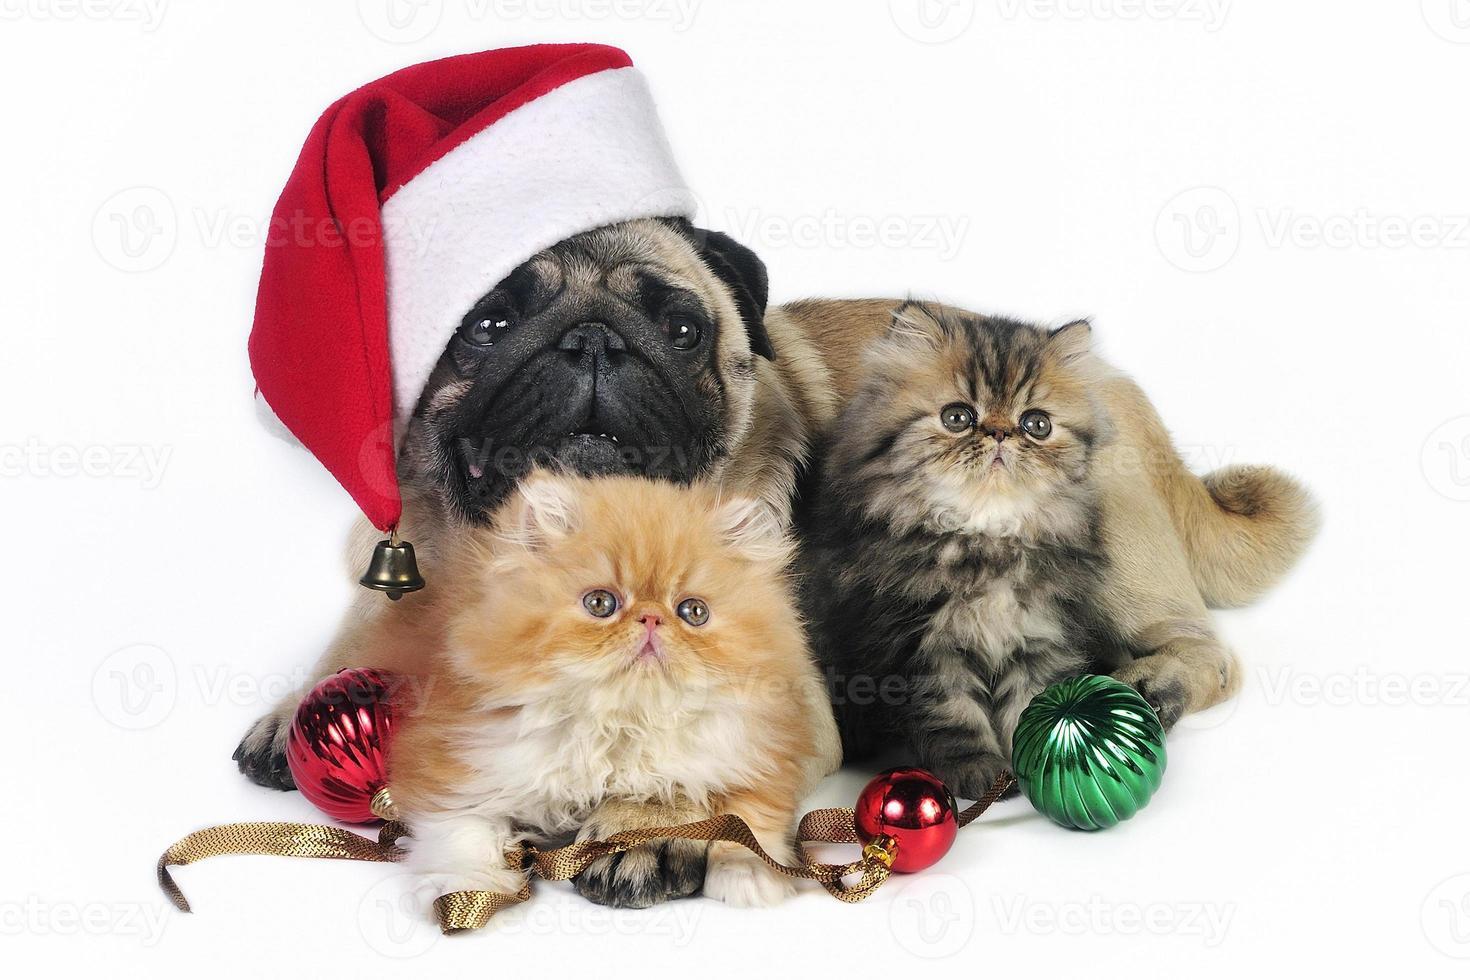 kerst hond en kittens. foto